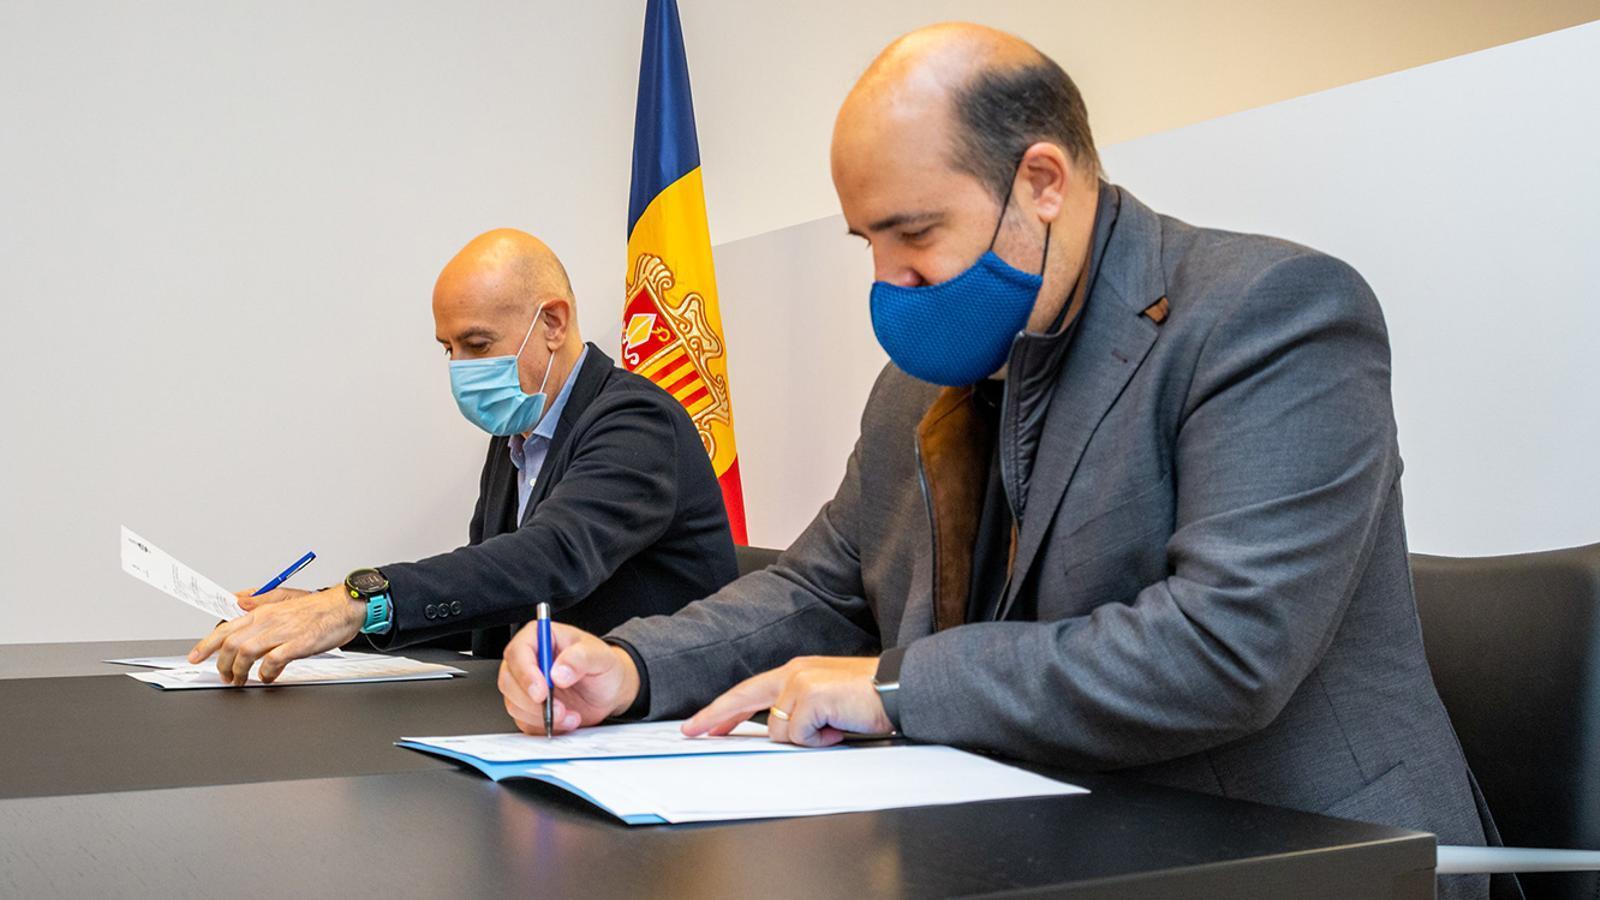 El president del BC MoraBanc Andorra, Gorka Aixàs, i el cònsol menor del comú d'Escaldes-Engordany, Joaquim Dolsa, durant la signatura del conveni. / COMÚ D'ESCALDES-ENGORDANY